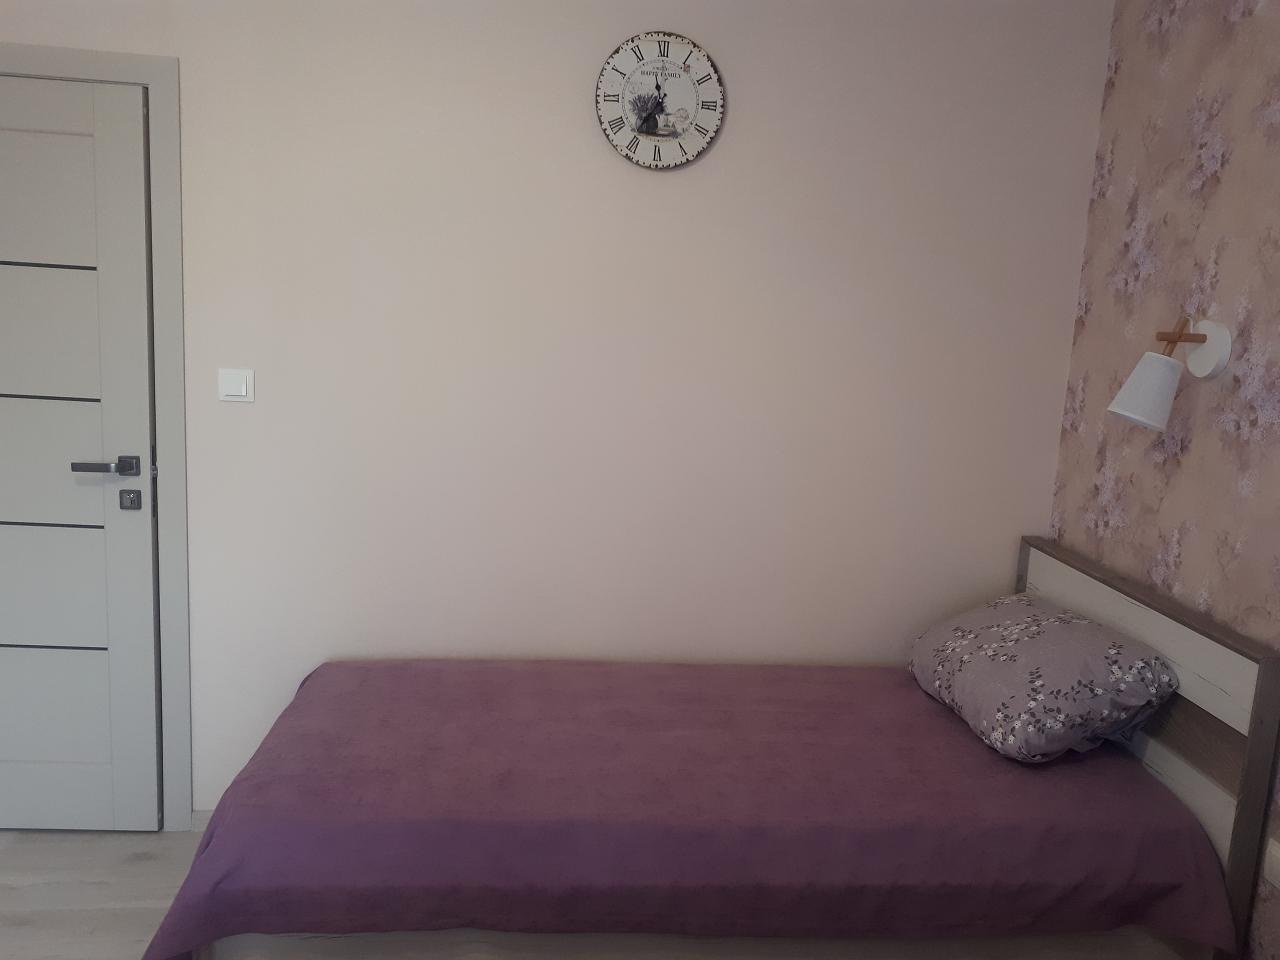 Сдается комфортабельная 2-комн. квартира с уютной лоджией около термального басейна (1)